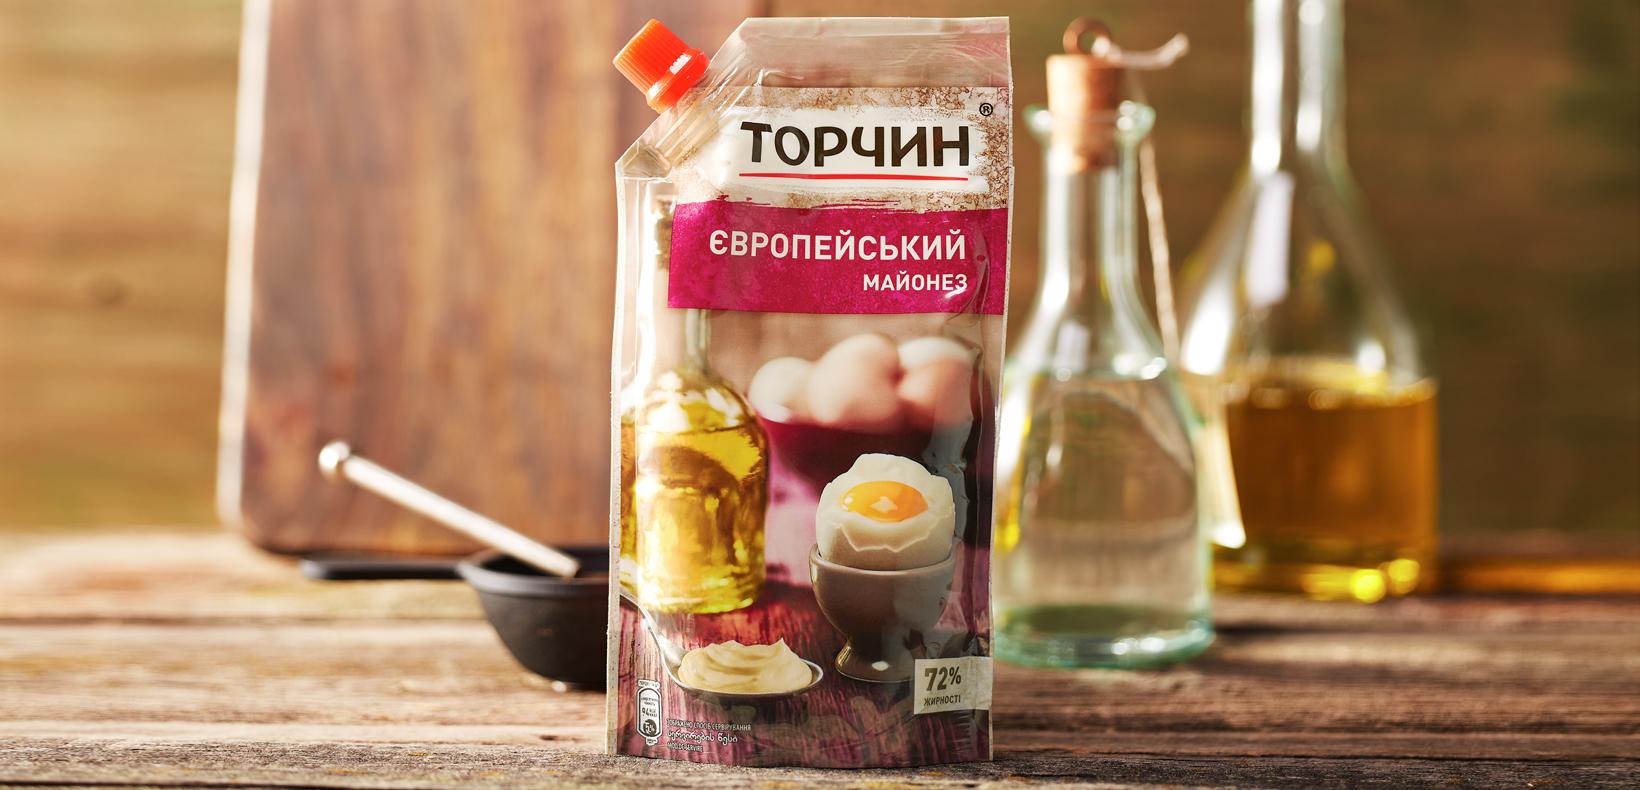 """упаковка майонез """"Торчин"""" европейский"""